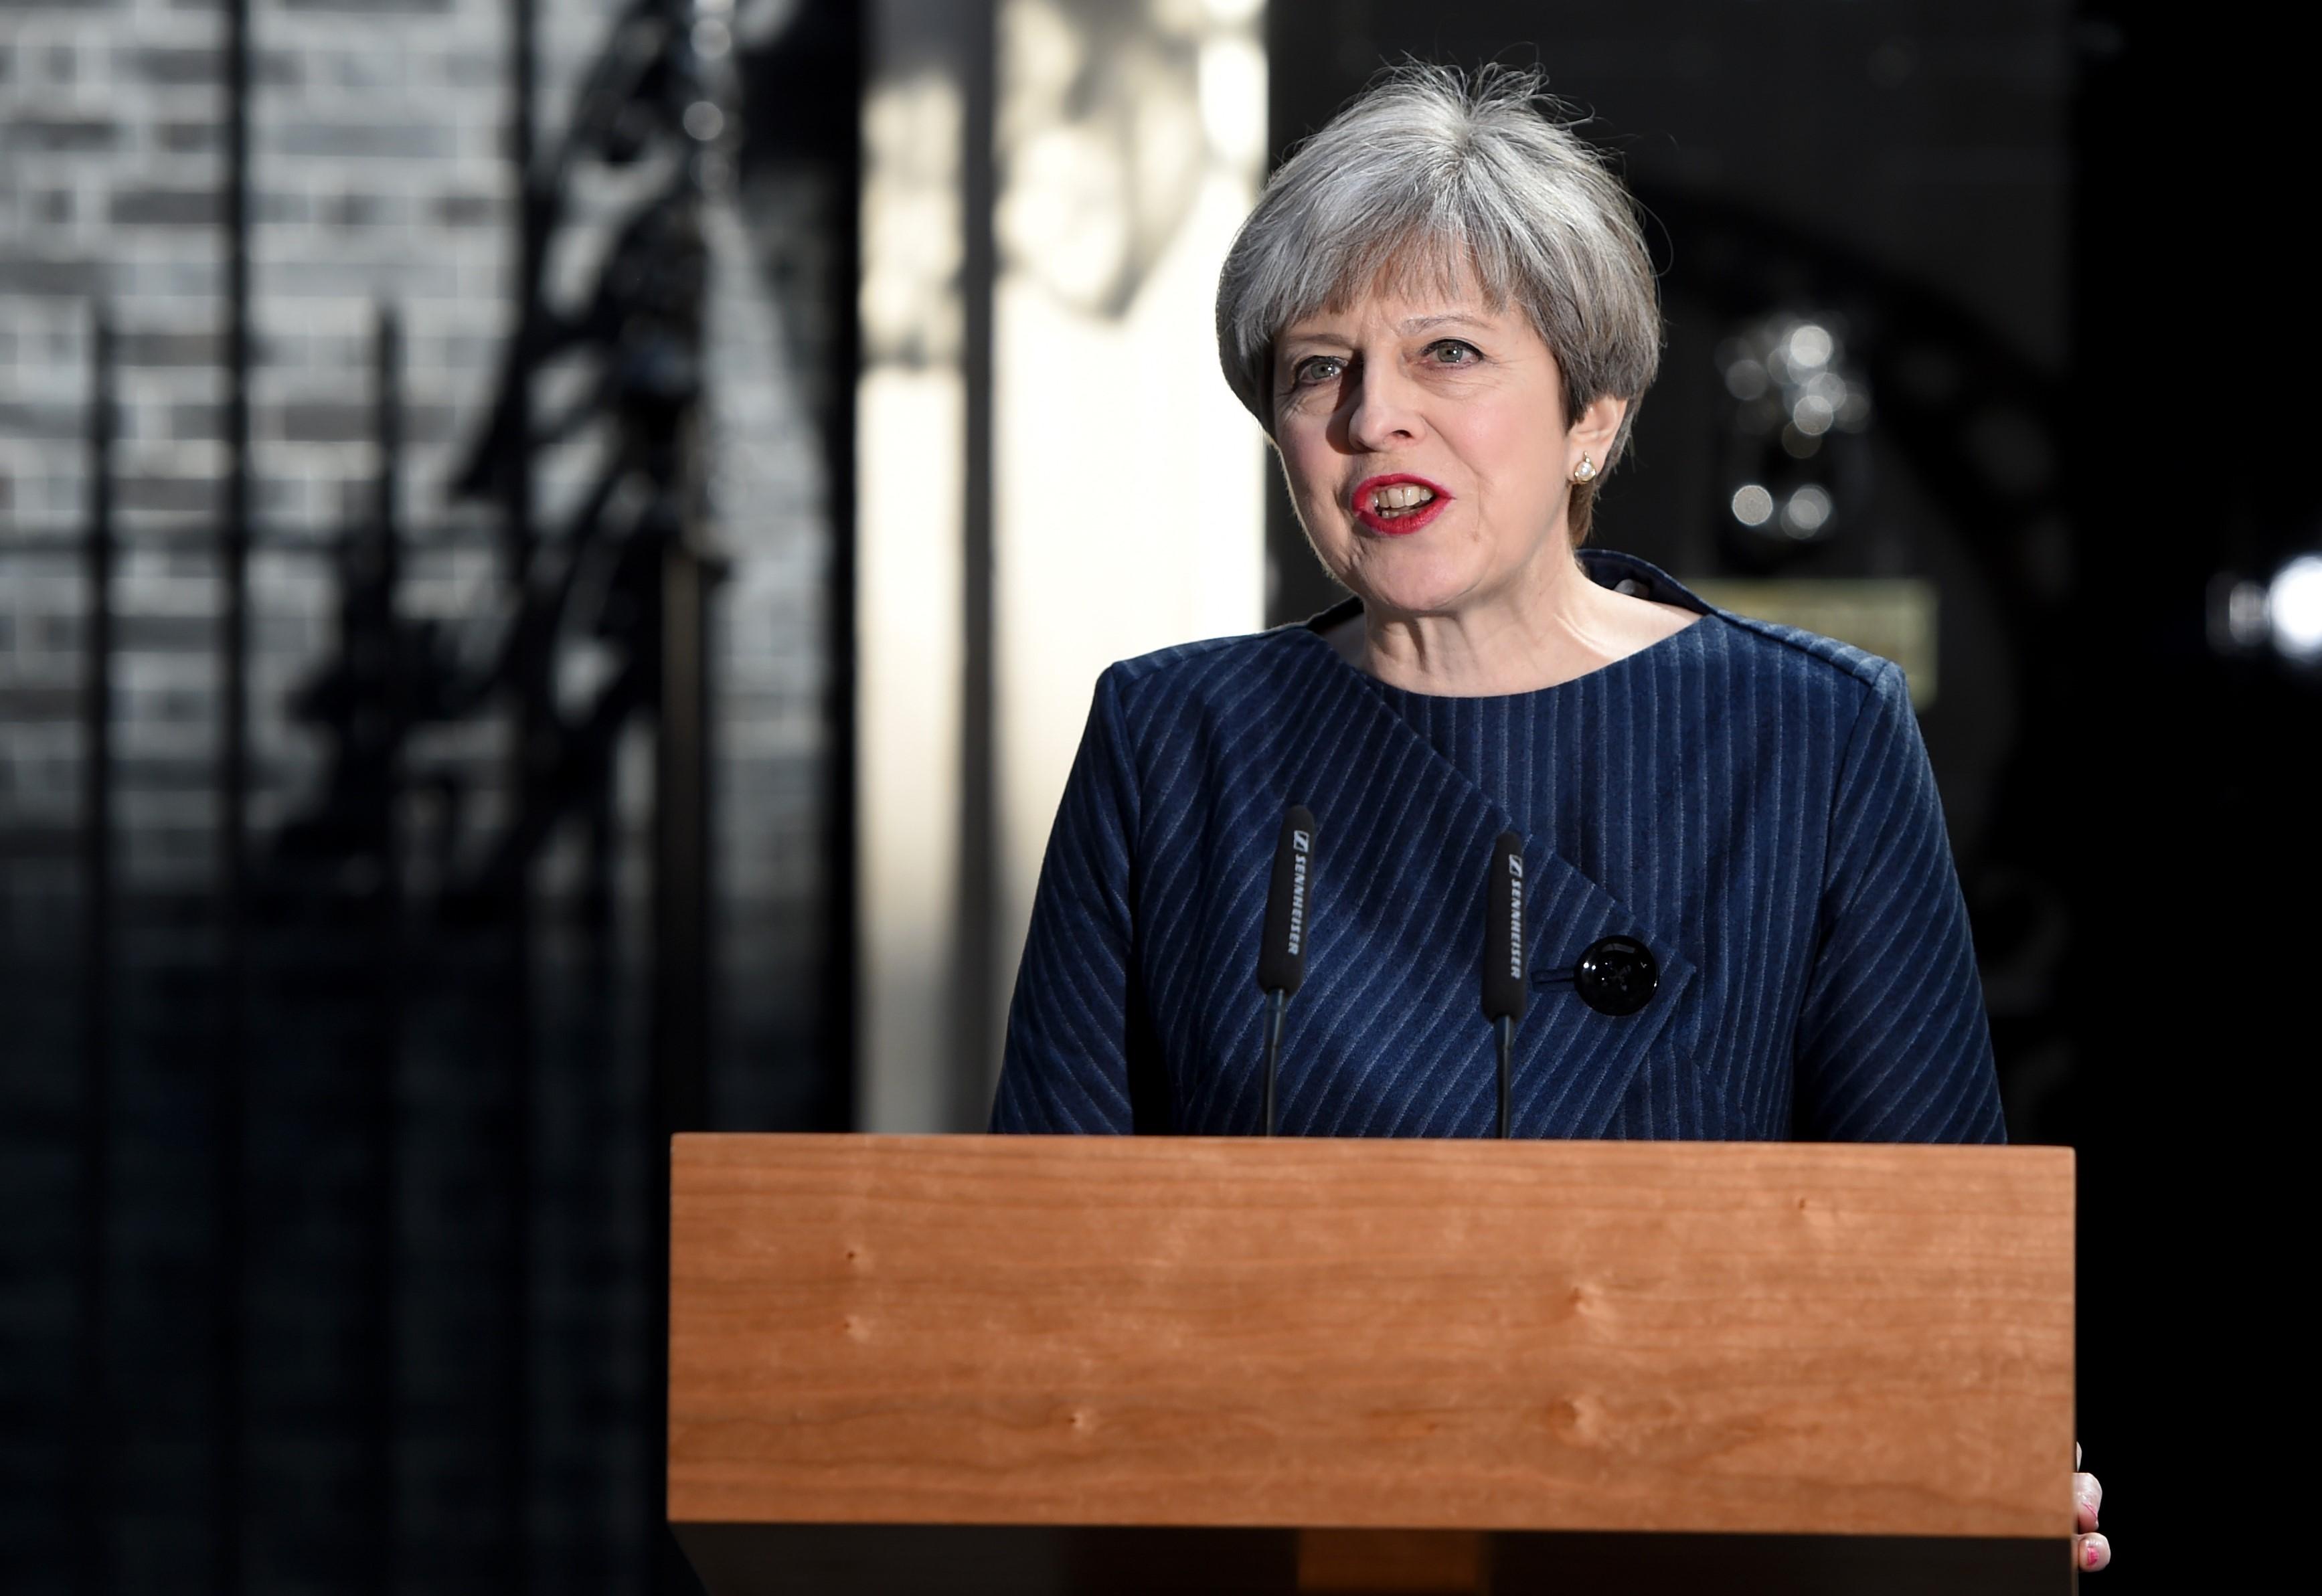 ब्रिटिश प्रधानमंत्री थेरेसा मे की हत्या की कोशिश नाकाम, दो आरोपी गिरफ्तार